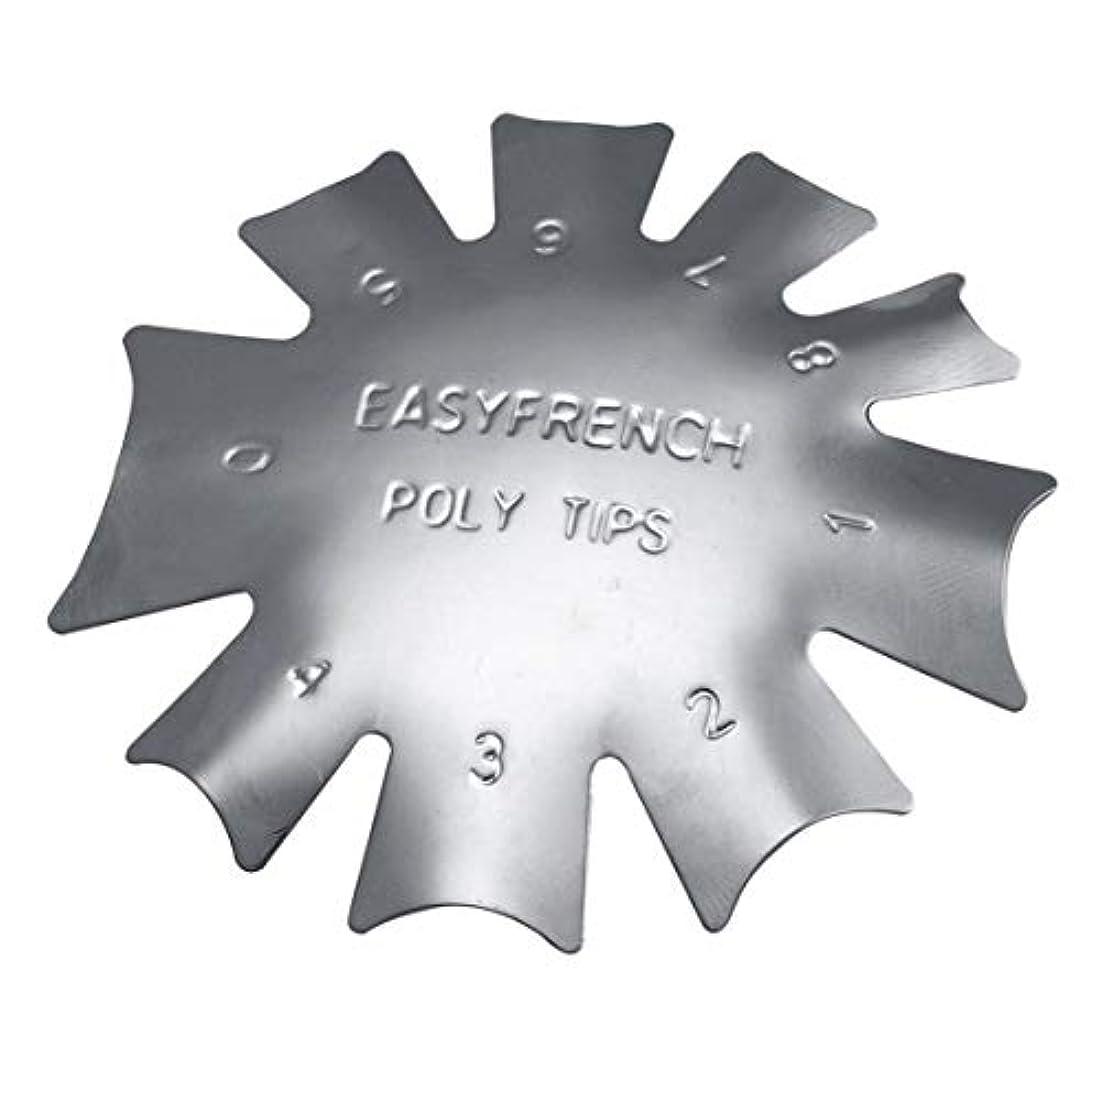 ログベアリングしみ3ピース/セット丈夫な金属ステンレス鋼フレンチマニキュアモデリング整形プレートクリスタルネイル作りスタンピングプレート